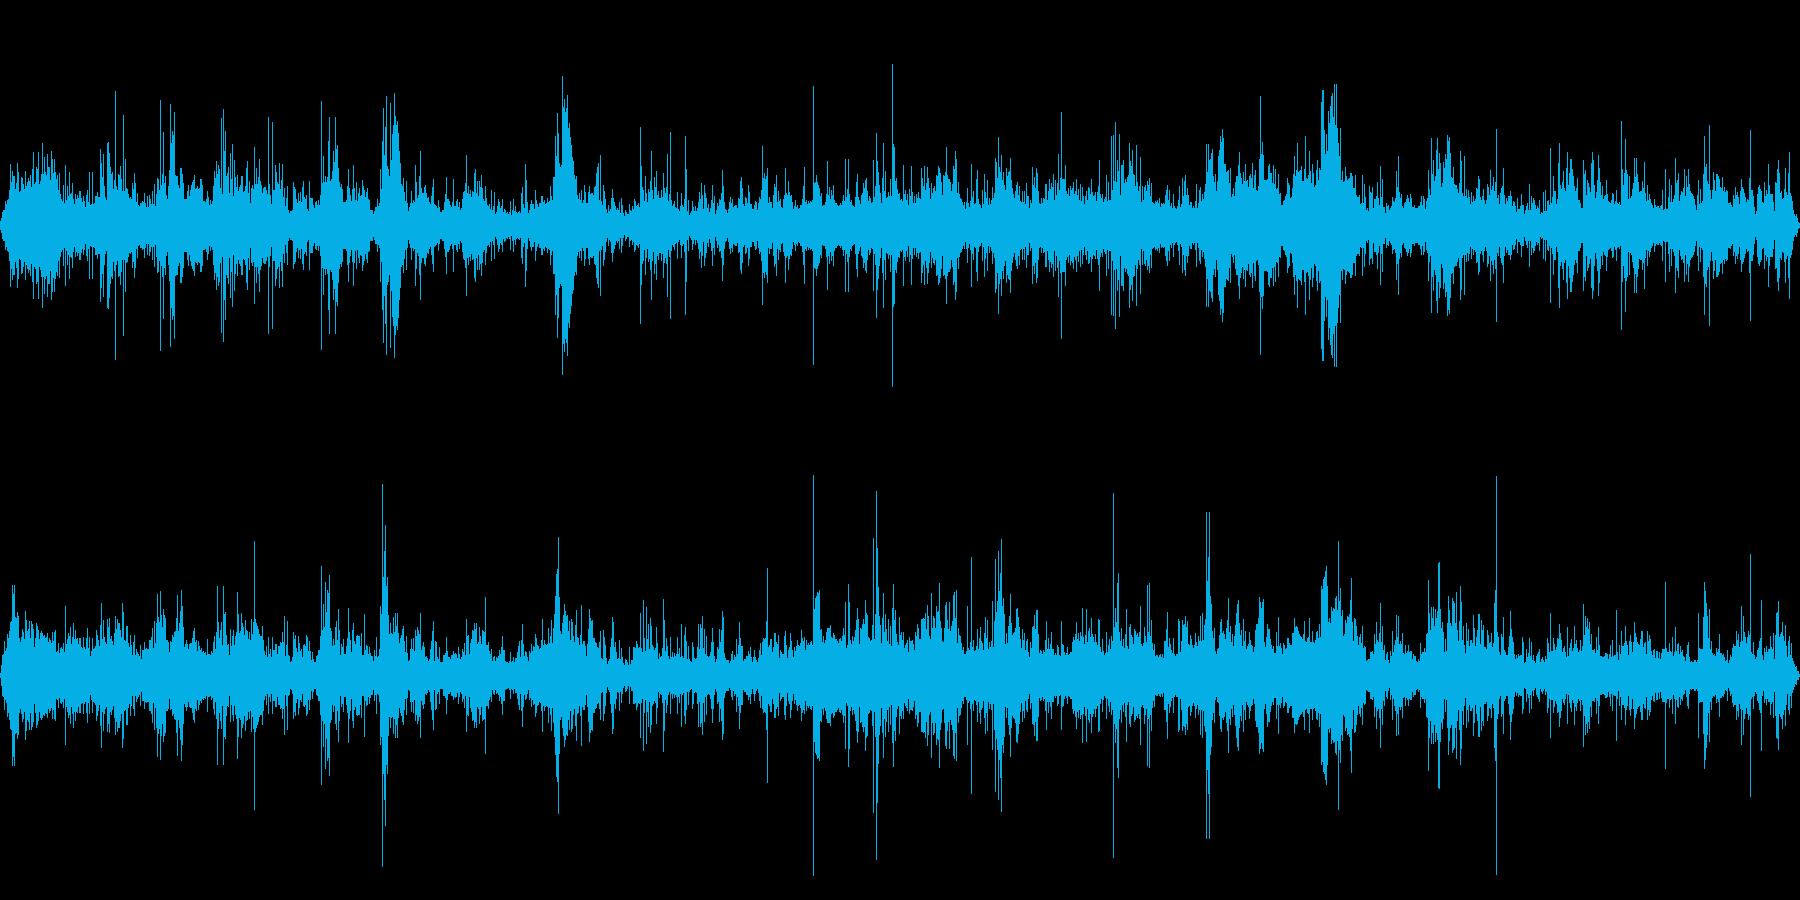 【四国最東端】蒲生田岬の波音04の再生済みの波形